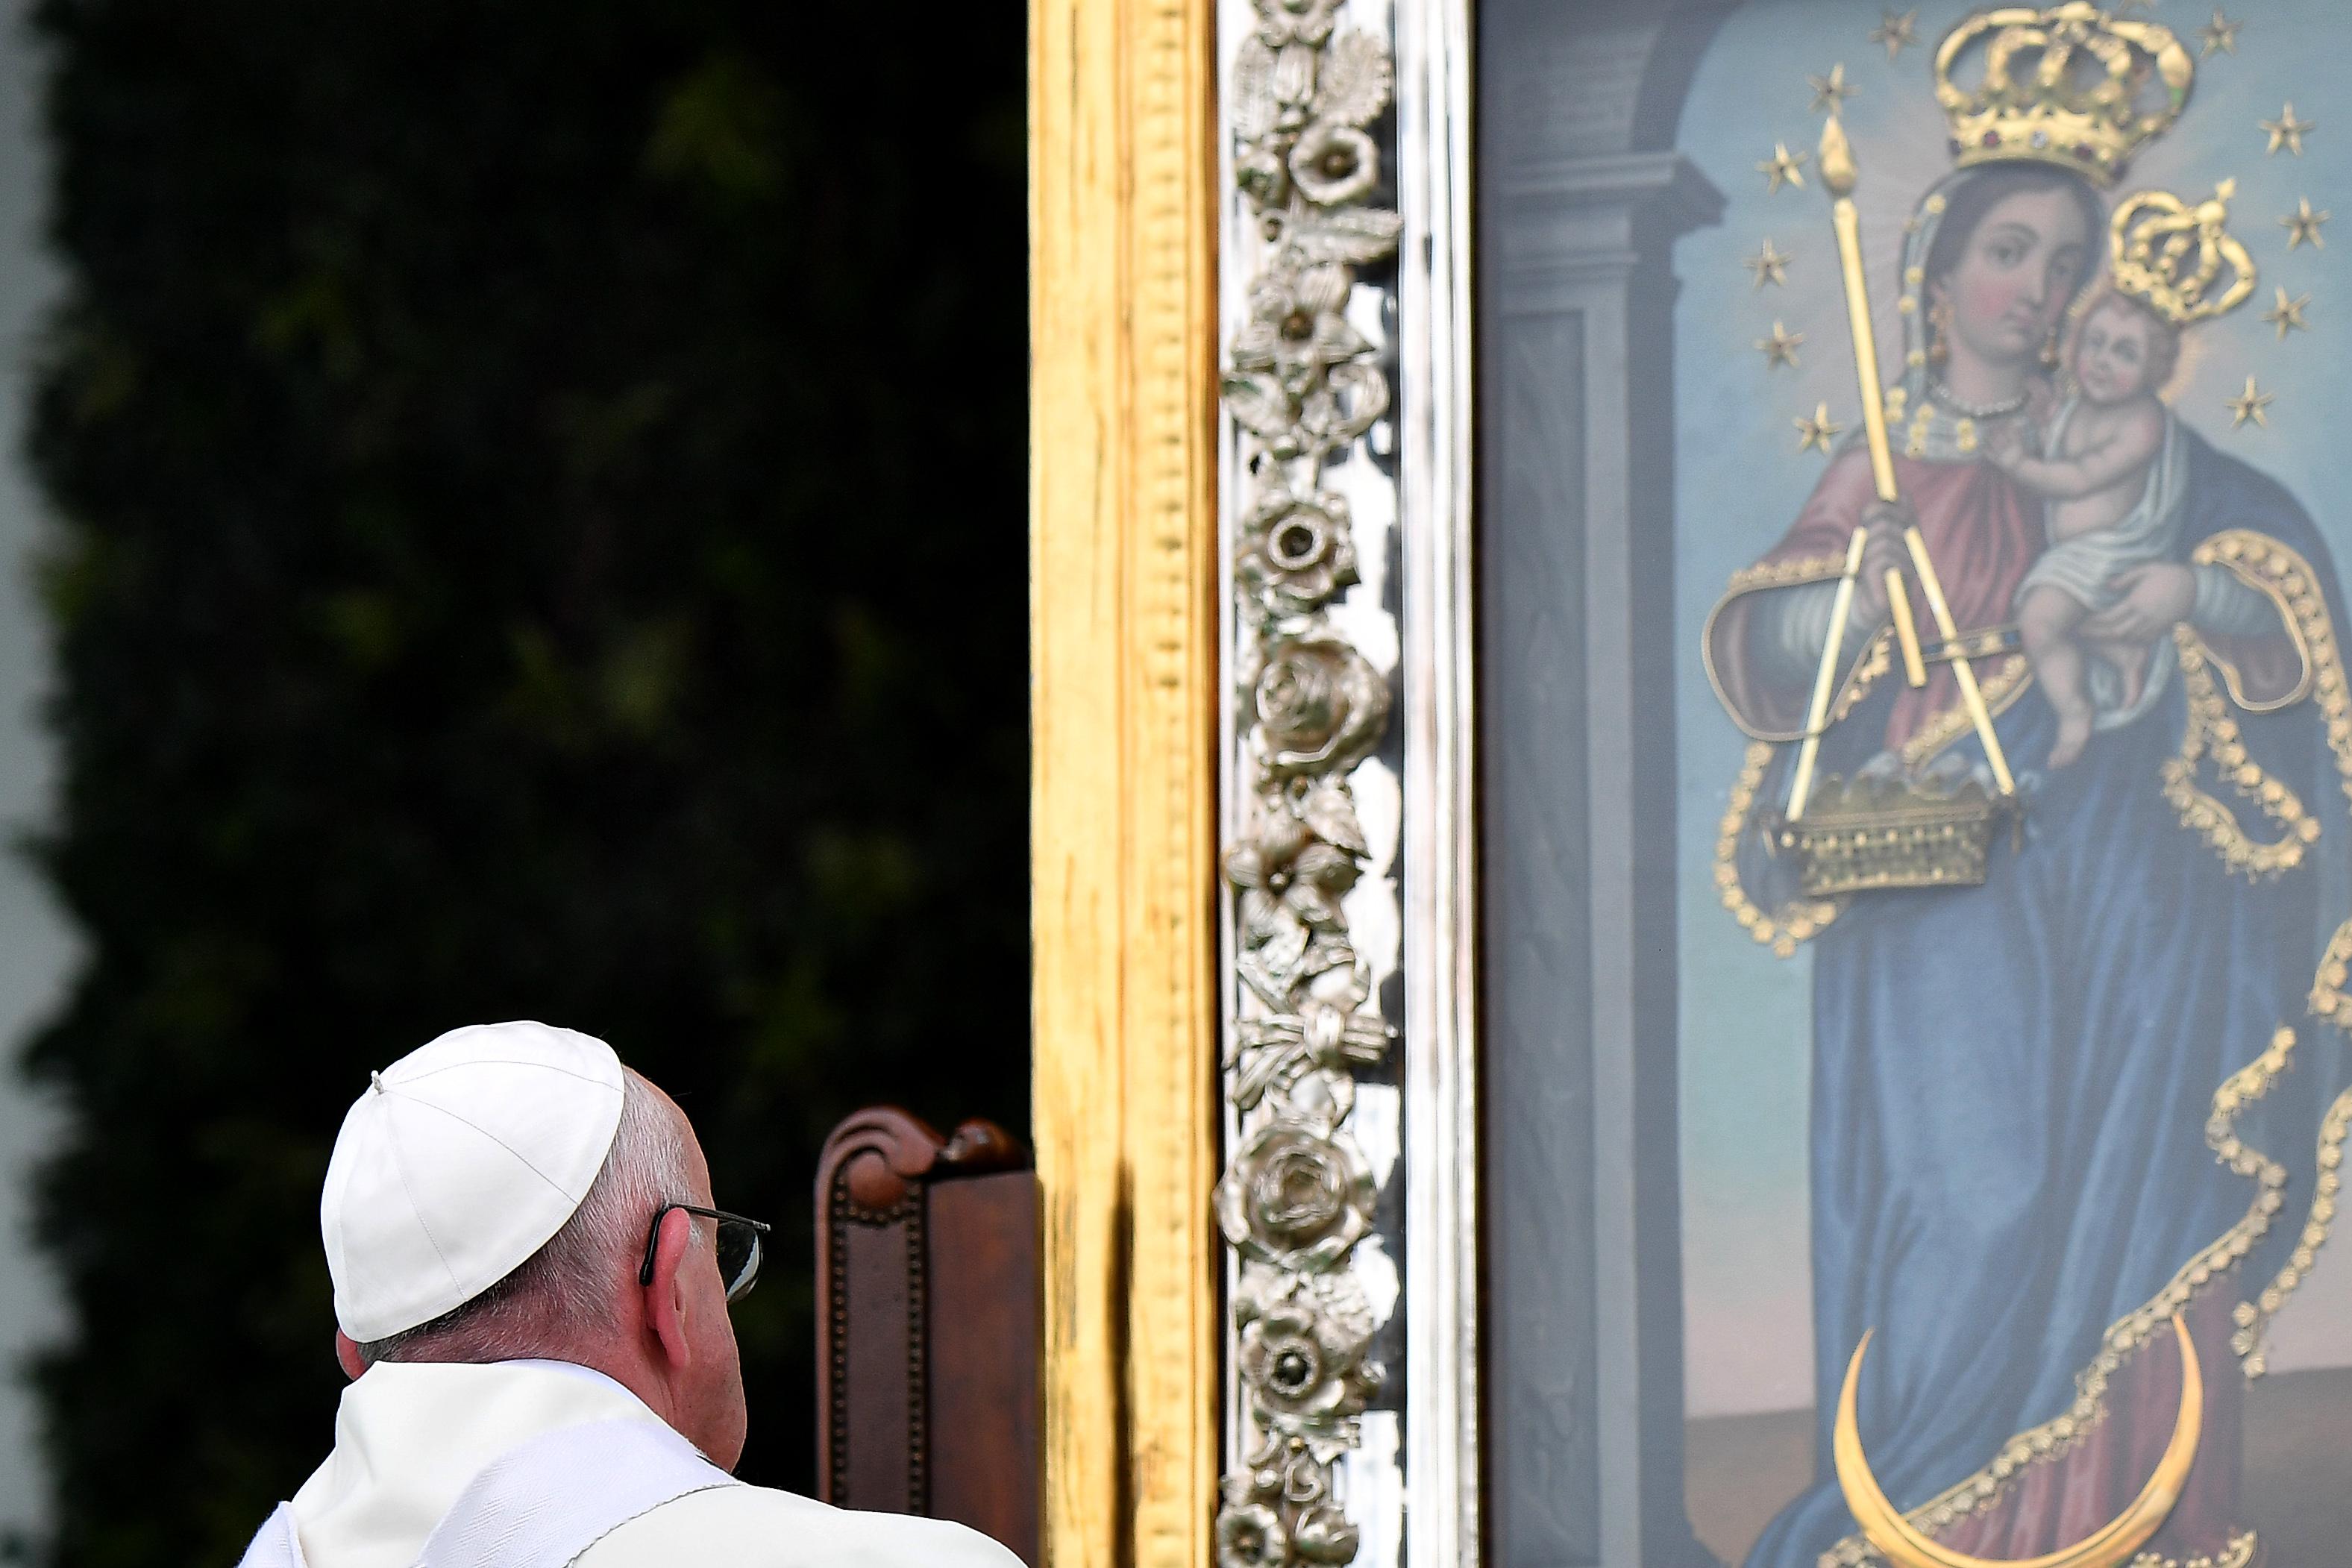 Oraciones para peticiones en el Día de la Virgen Candelaria | AhoraMismo.com